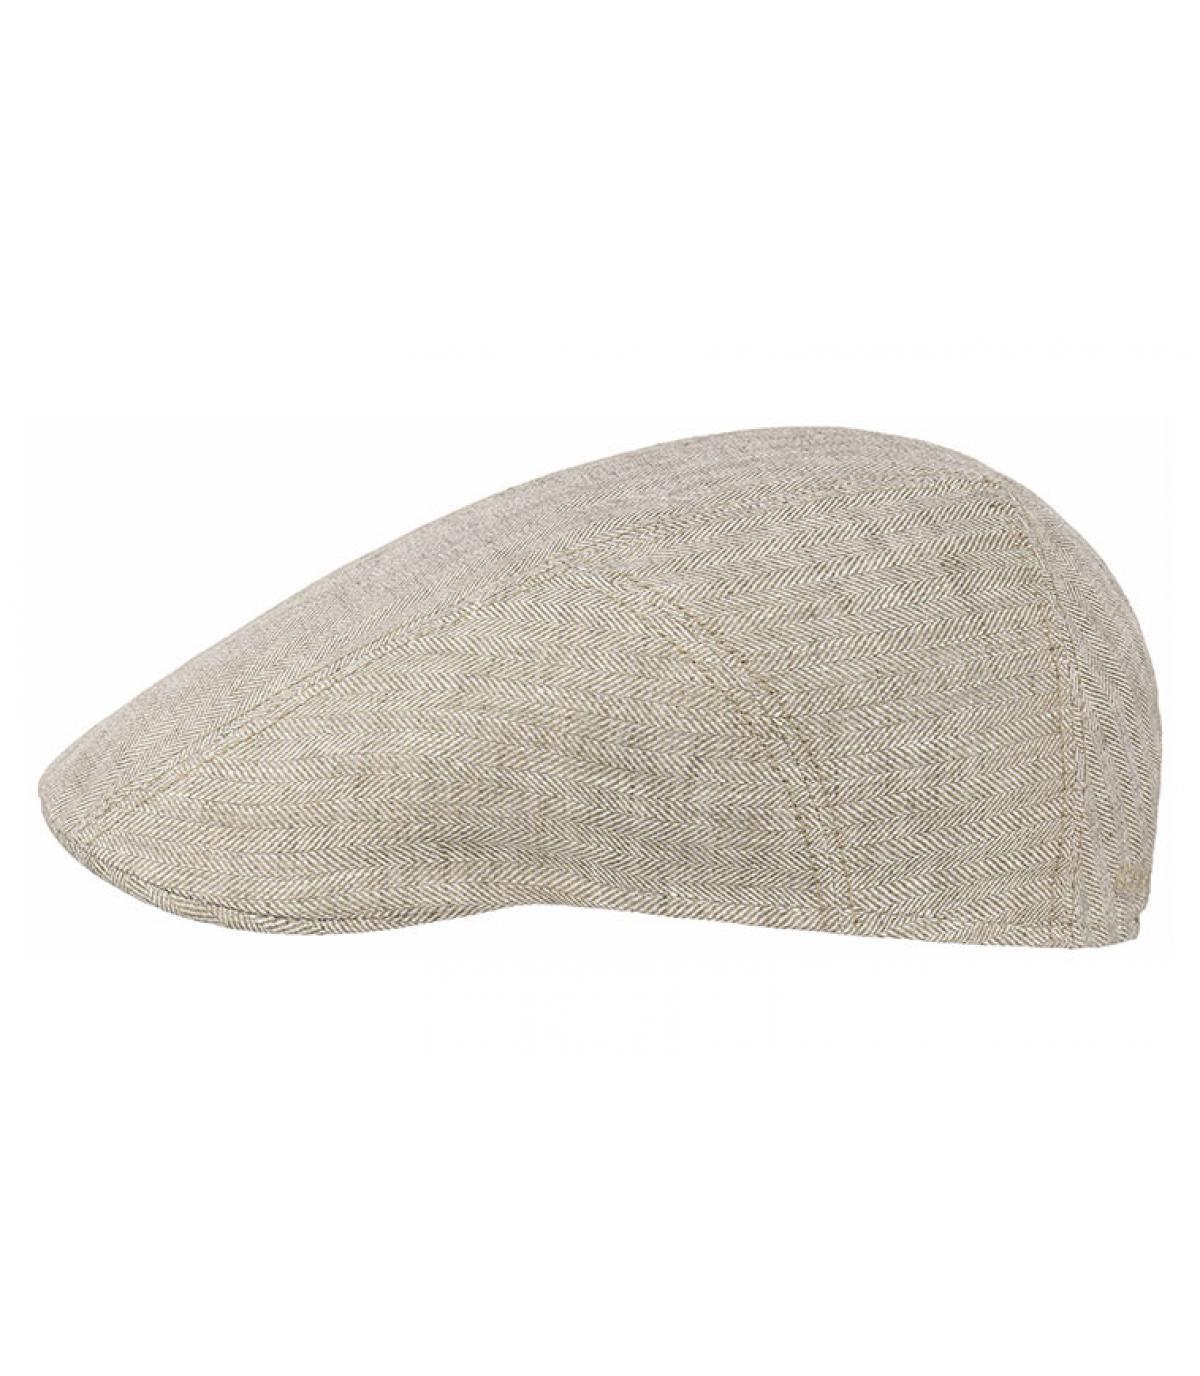 Détails Ivy cap lin beige - image 2